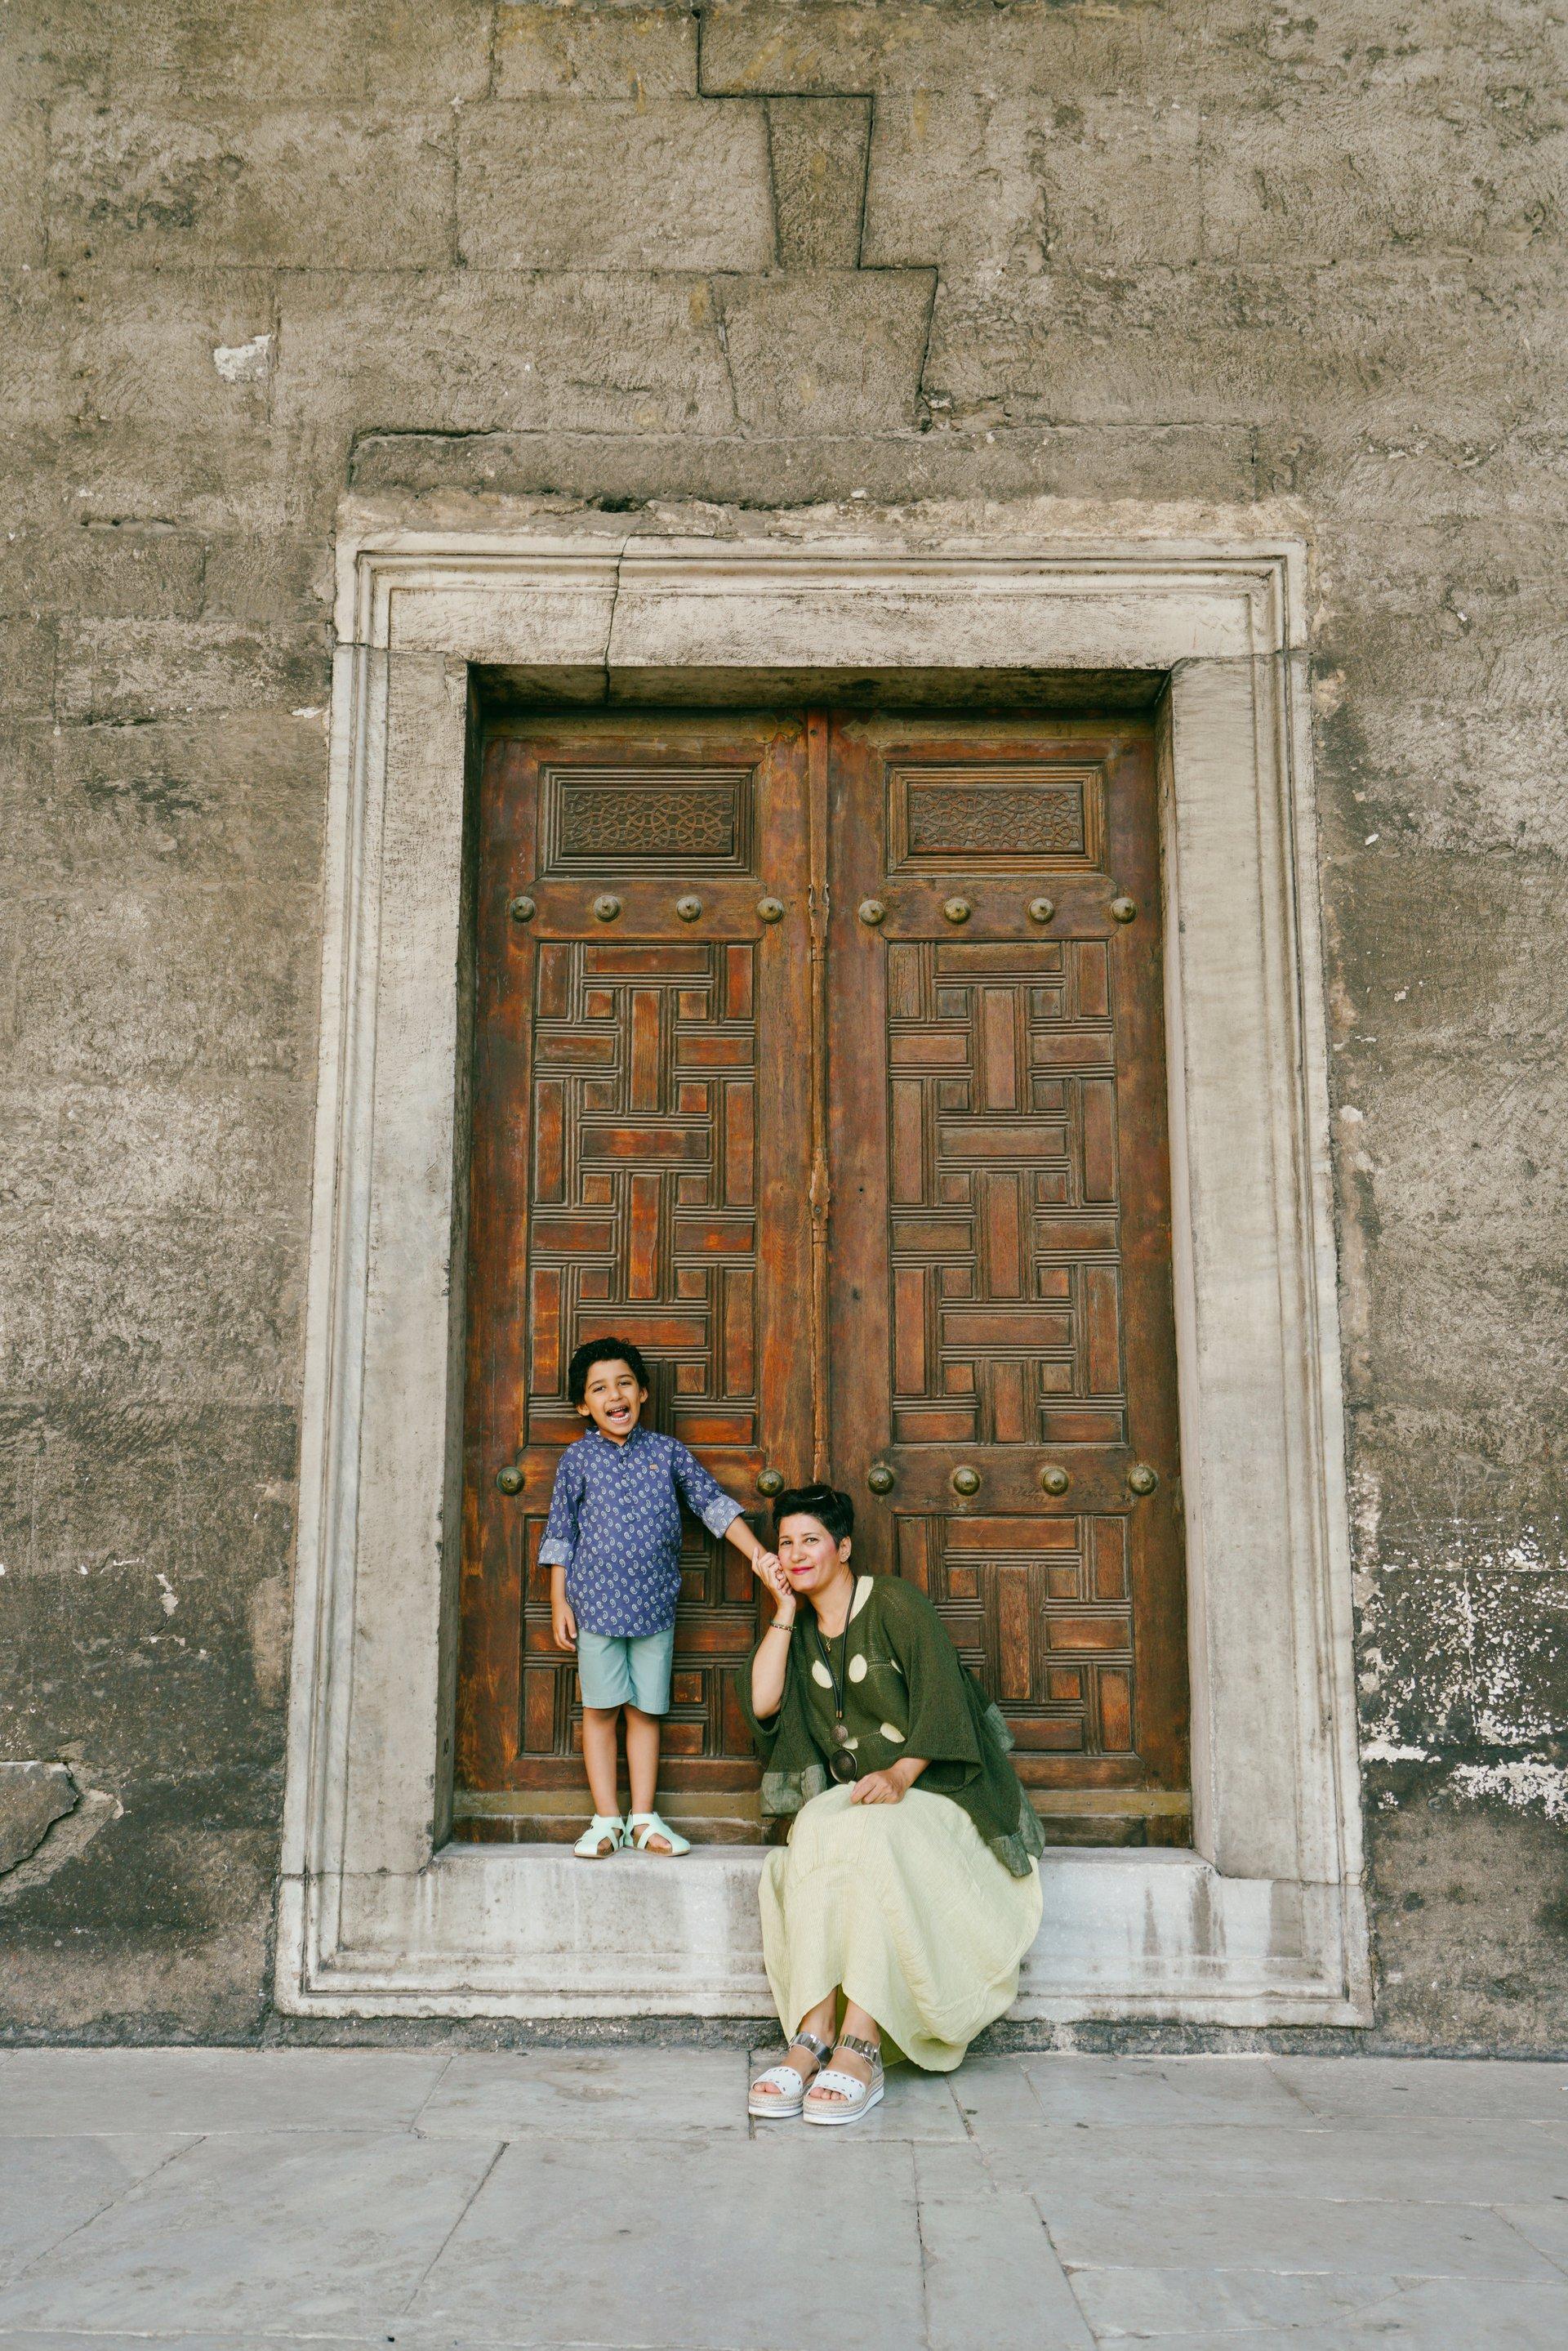 Murat G's Portfolio - Image 2